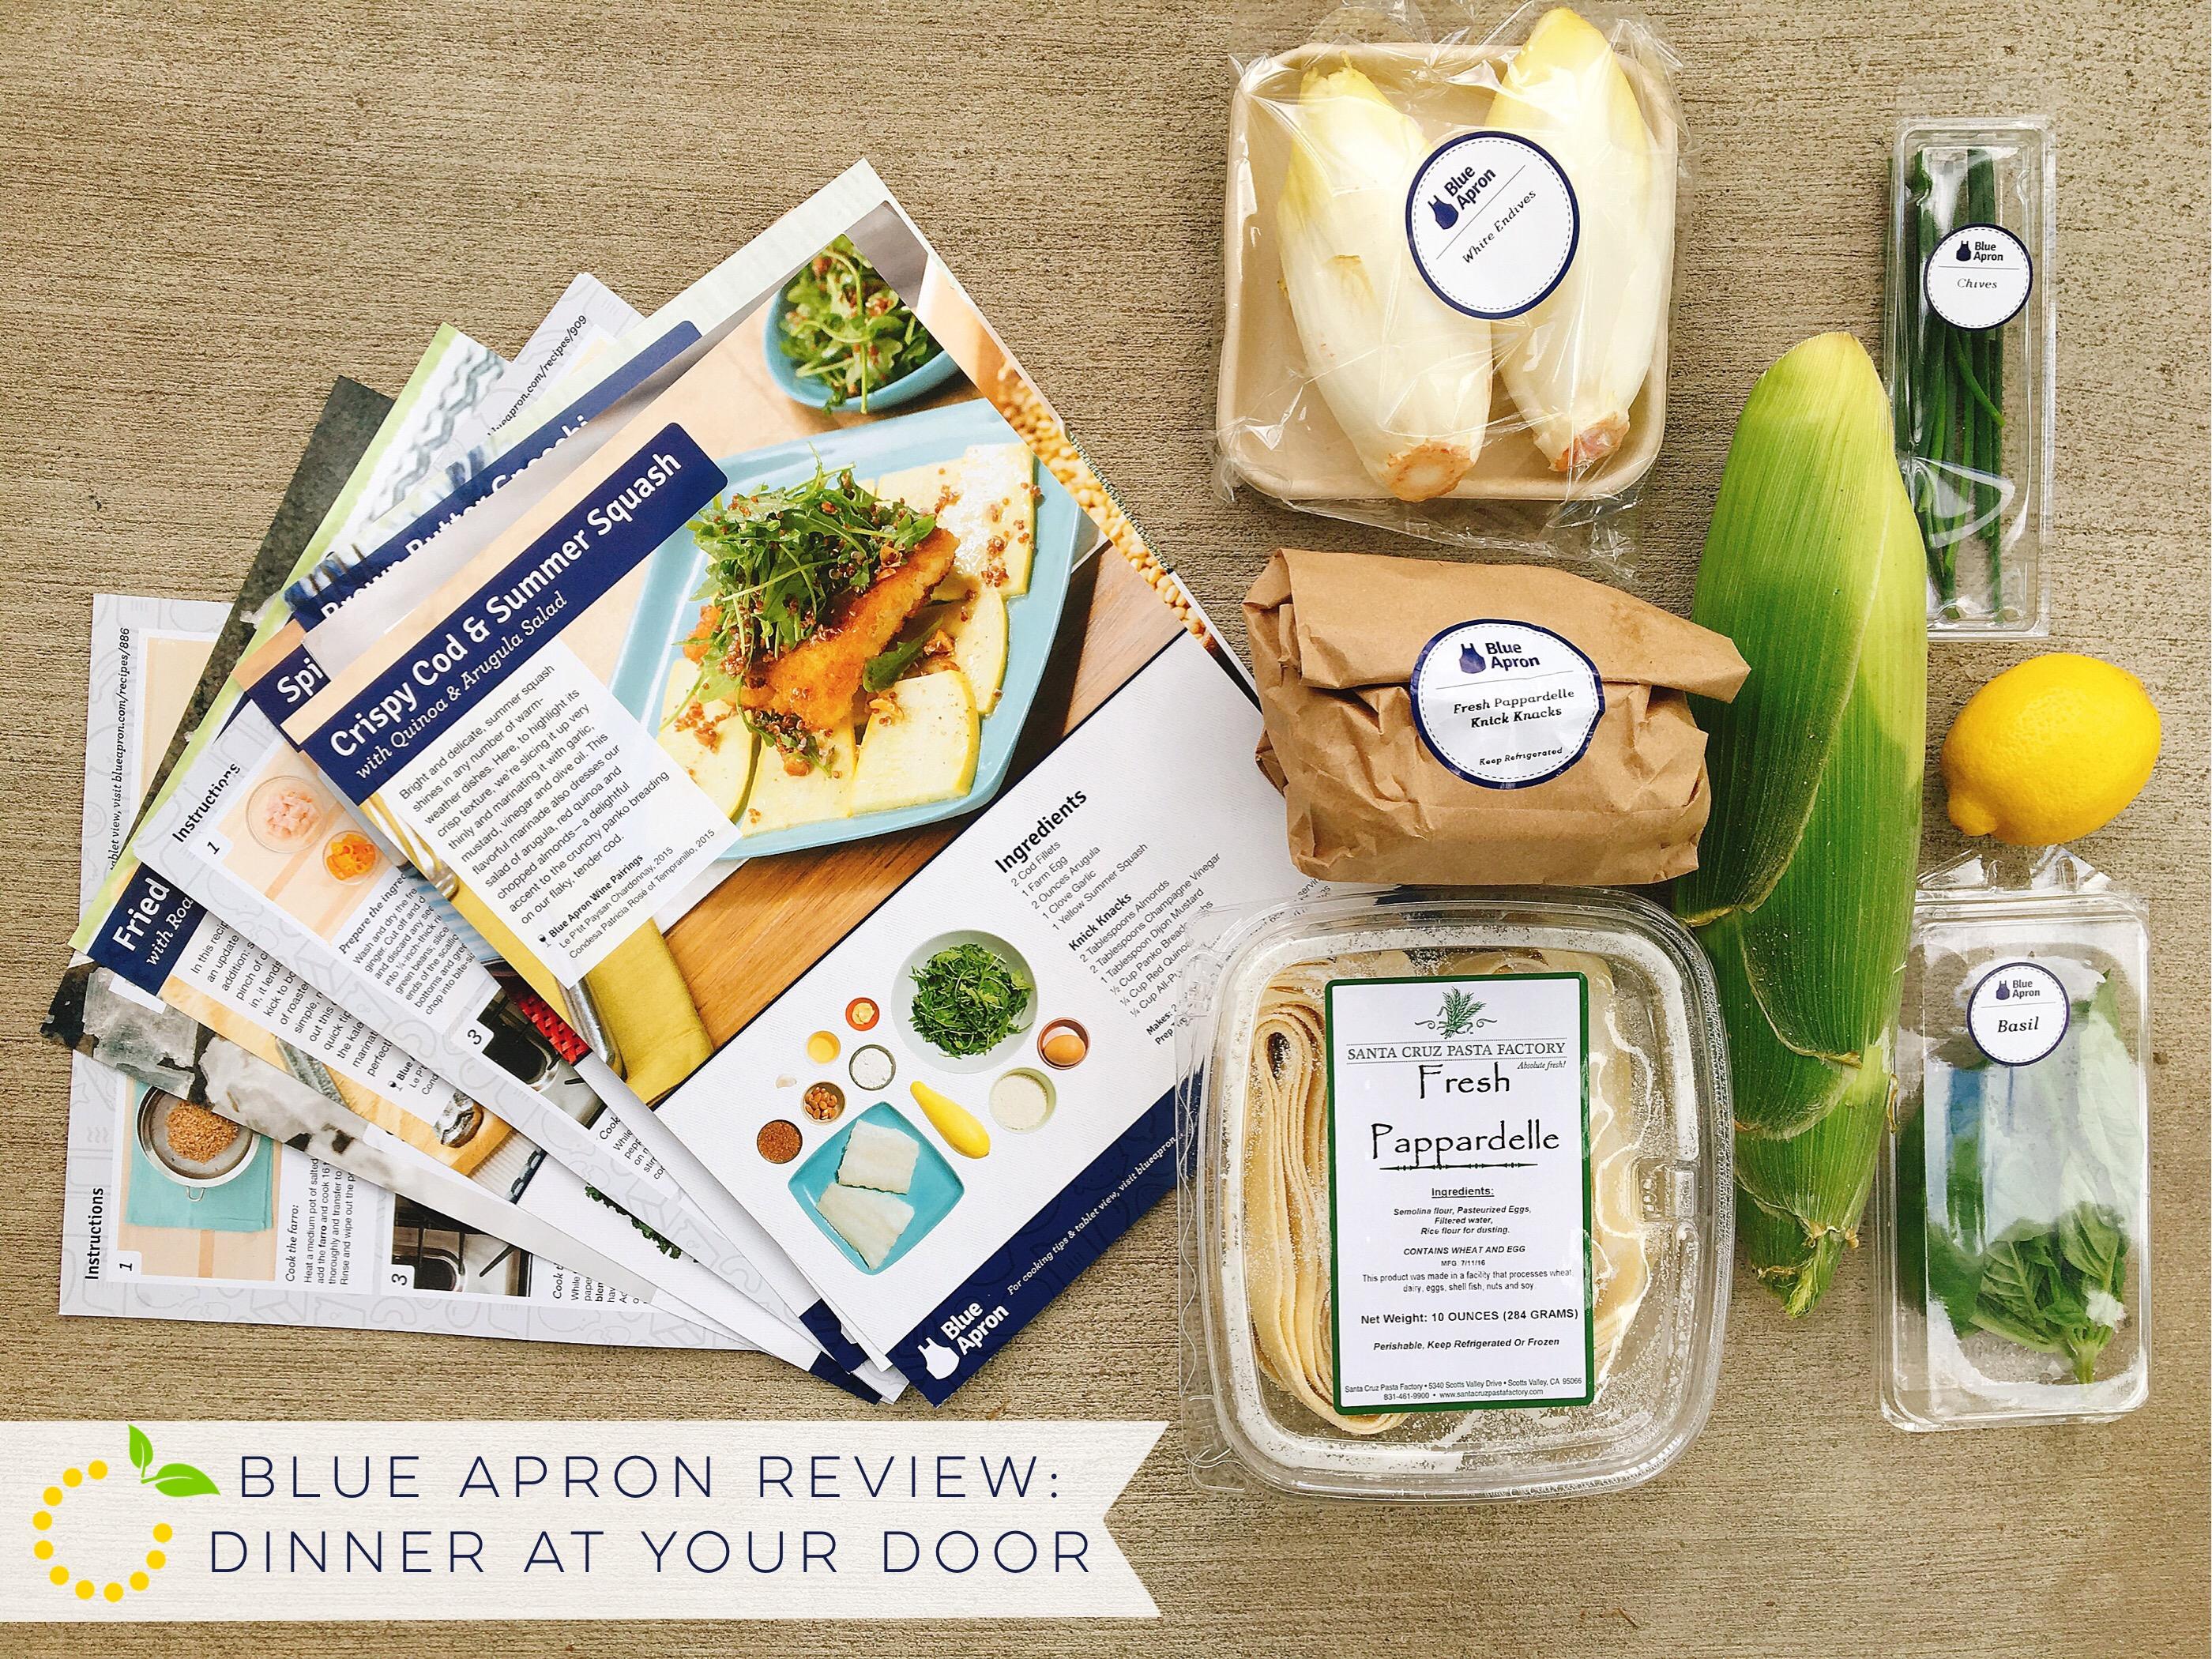 Blue Apron sweetlemonmade.com